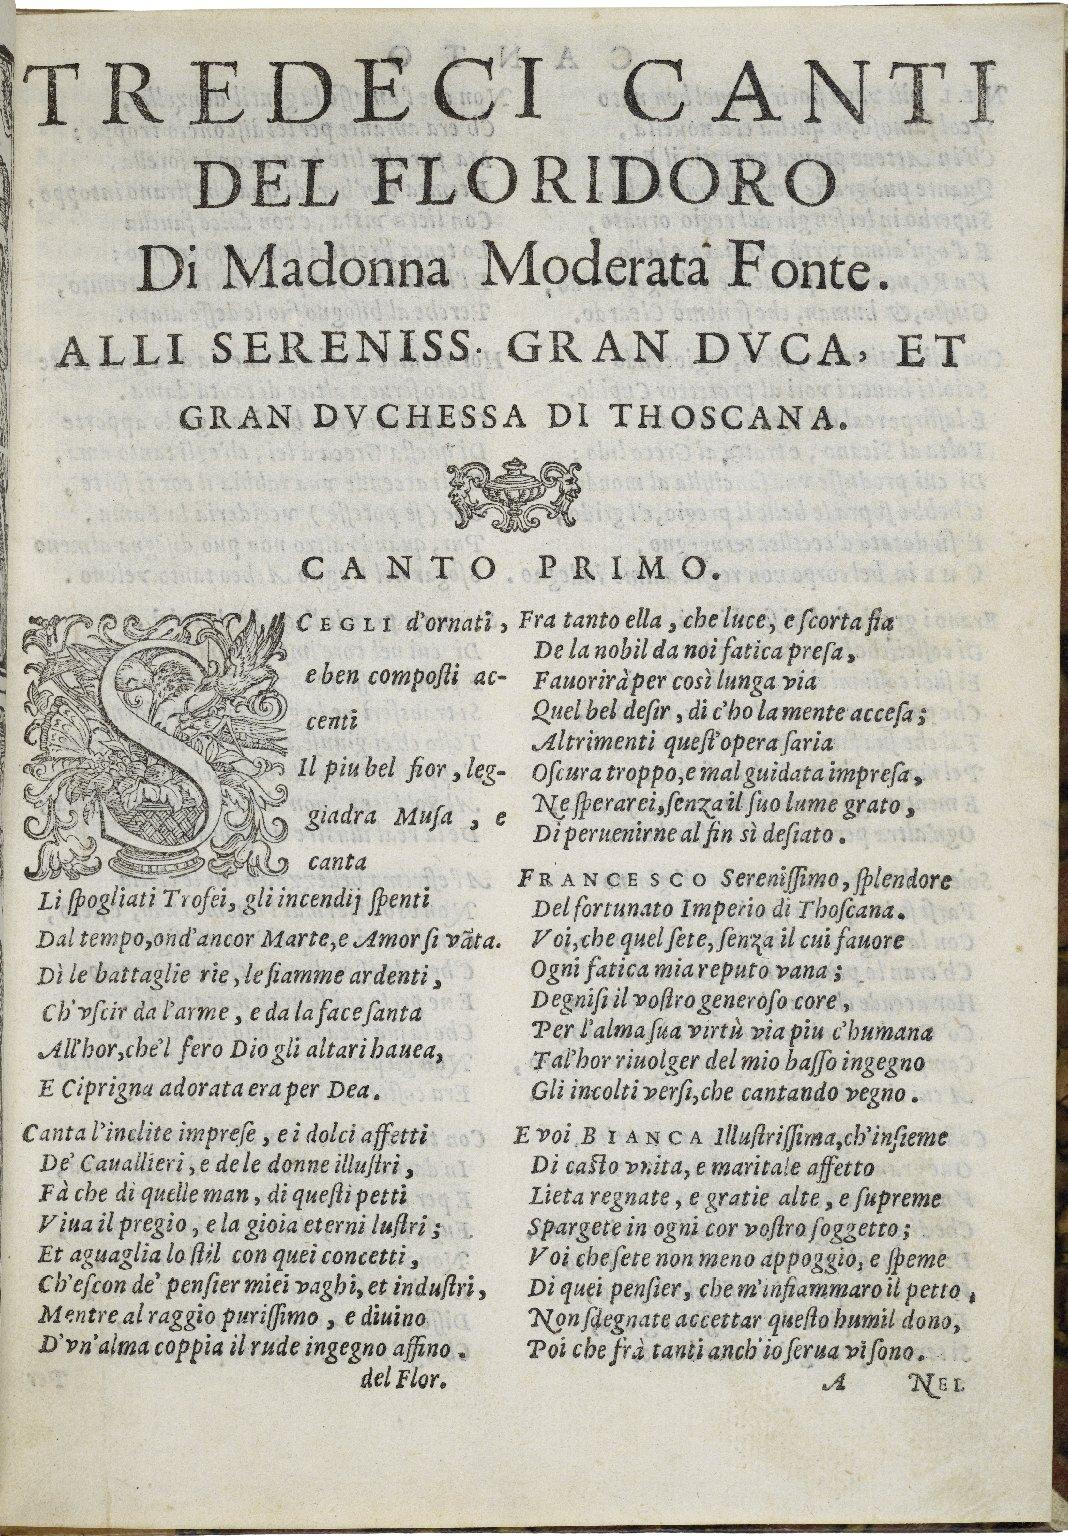 Tredici canti del Floridoro / di mad. Moderata Fonte ; alli sereniss. gran duca, et gran duchessa di Thoscana.